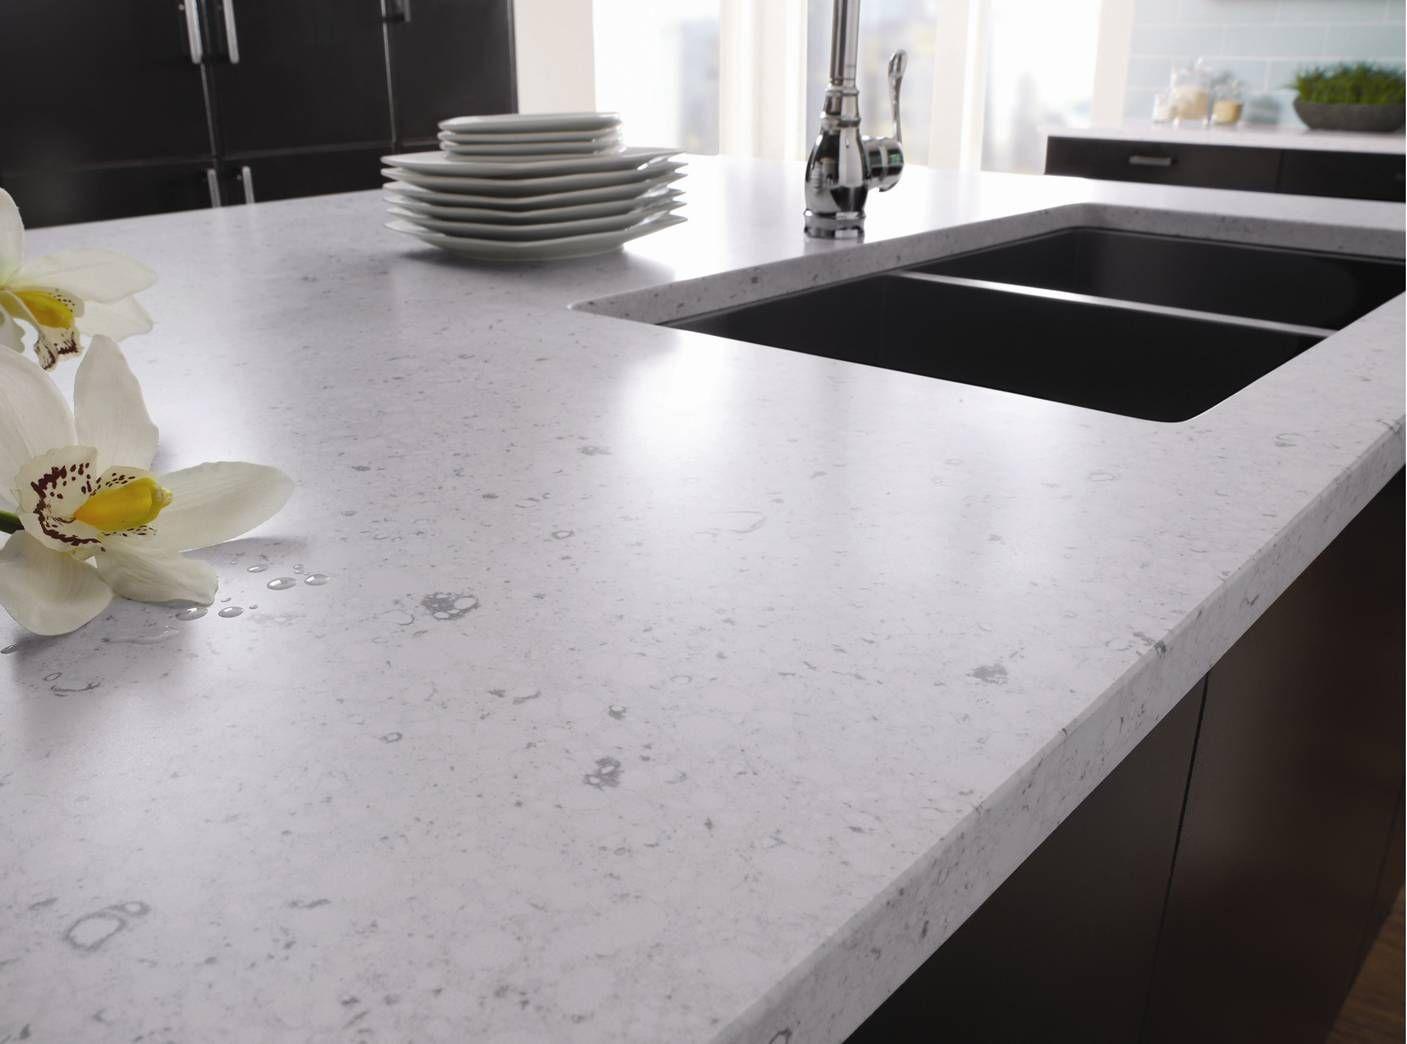 Silestone Bianco Rivers Kuchenarbeitsplatte Arbeitsflachen Quarzstein Arbeitsplatte